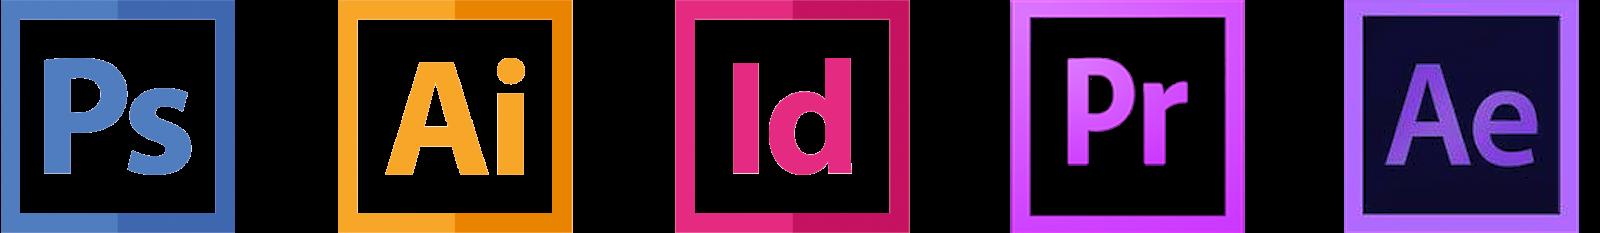 """Résultat de recherche d'images pour """"logo suite cs5 photoshop illustrator indesign png"""""""